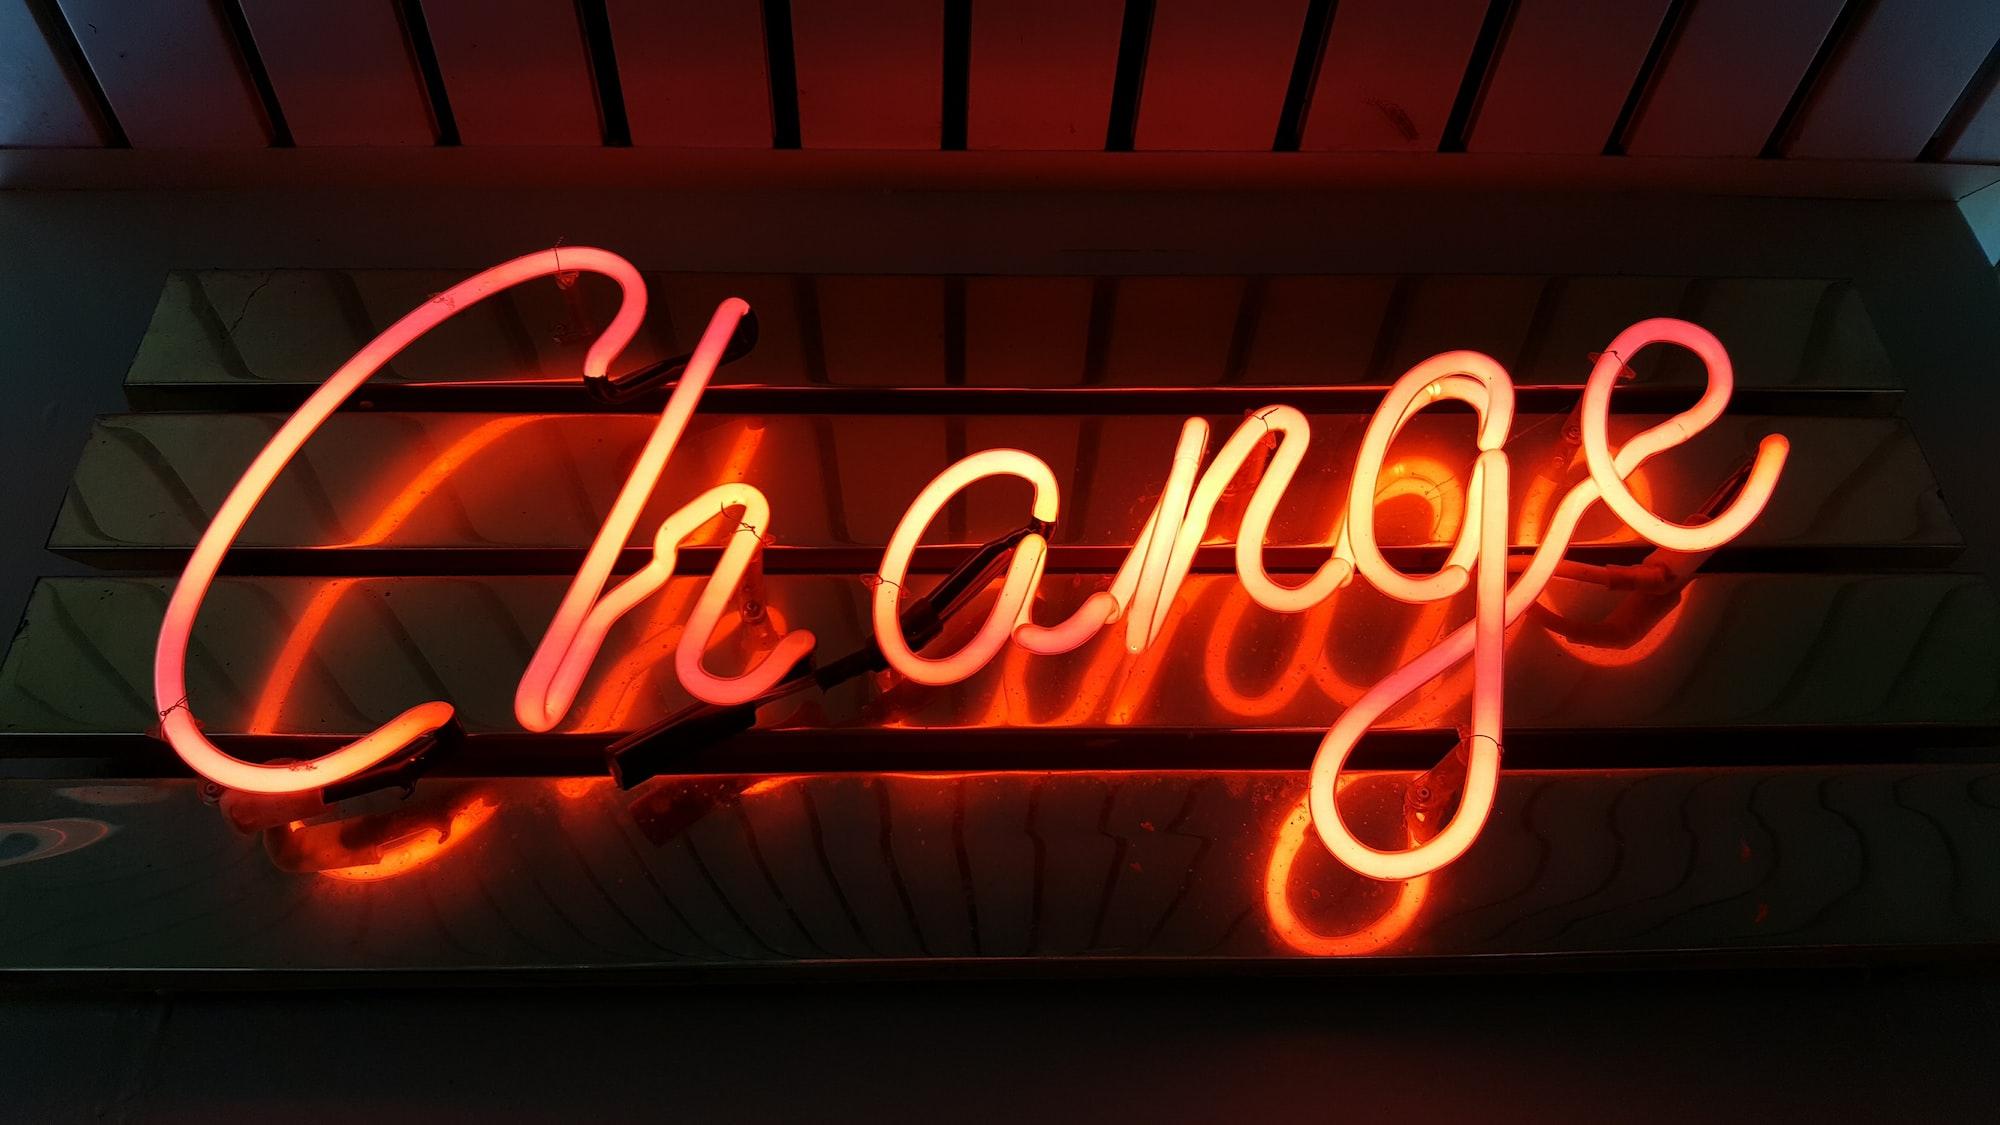 사실이 바뀌면 마음도 바꾸어야 한다.